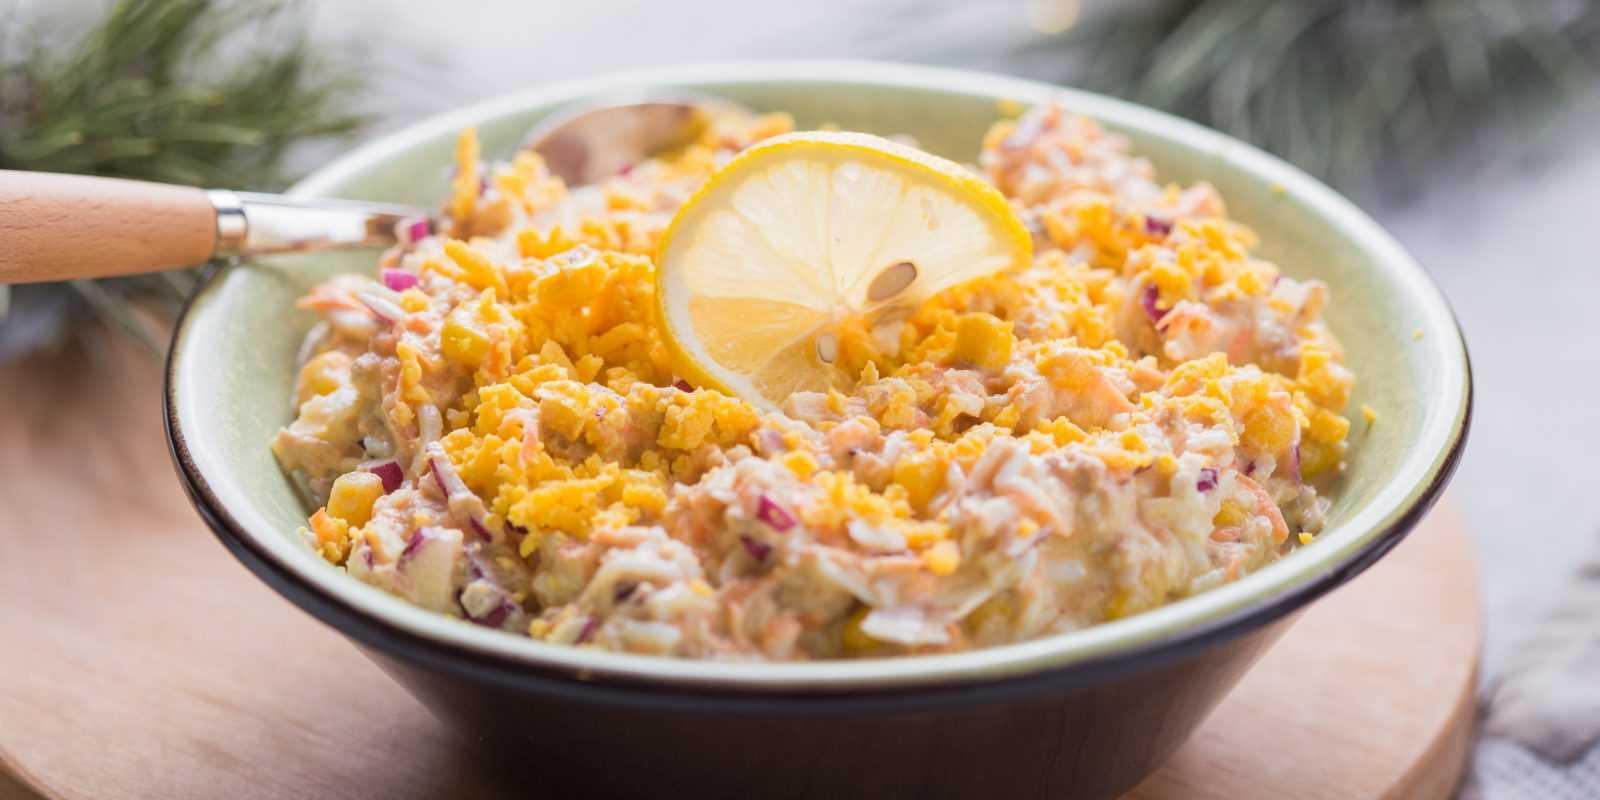 Салат из сайры консервированной - вкусно и недорого: рецепт с фото и видео